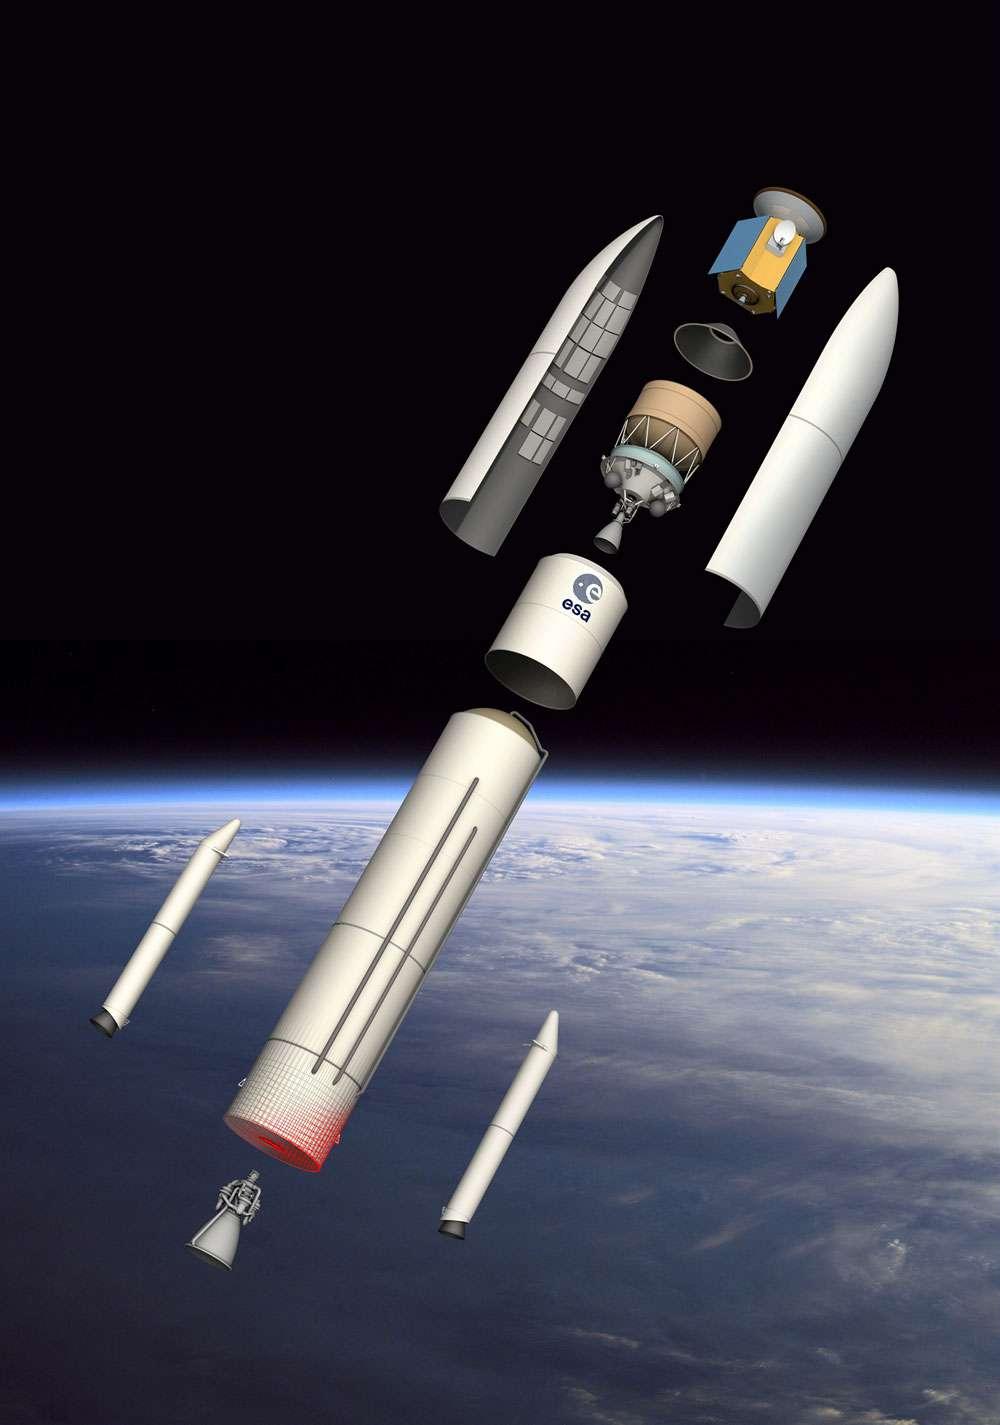 Quelle que soit la configuration de la future Ariane 6, ce lanceur devra être économique pour s'aligner autant que faire se peut sur la stratégie commerciale de SpaceX. Une stratégie toute simple mais redoutable sur un marché fortement concurrentiel qui consiste à s'appuyer sur les contrats élevés du gouvernement des États-Unis (Nasa, US Air Force) pour proposer des lanceurs à des prix anormalement bas, comprendre qui ne reflètent pas les coûts réels du lanceur. © Esa, D. Ducros